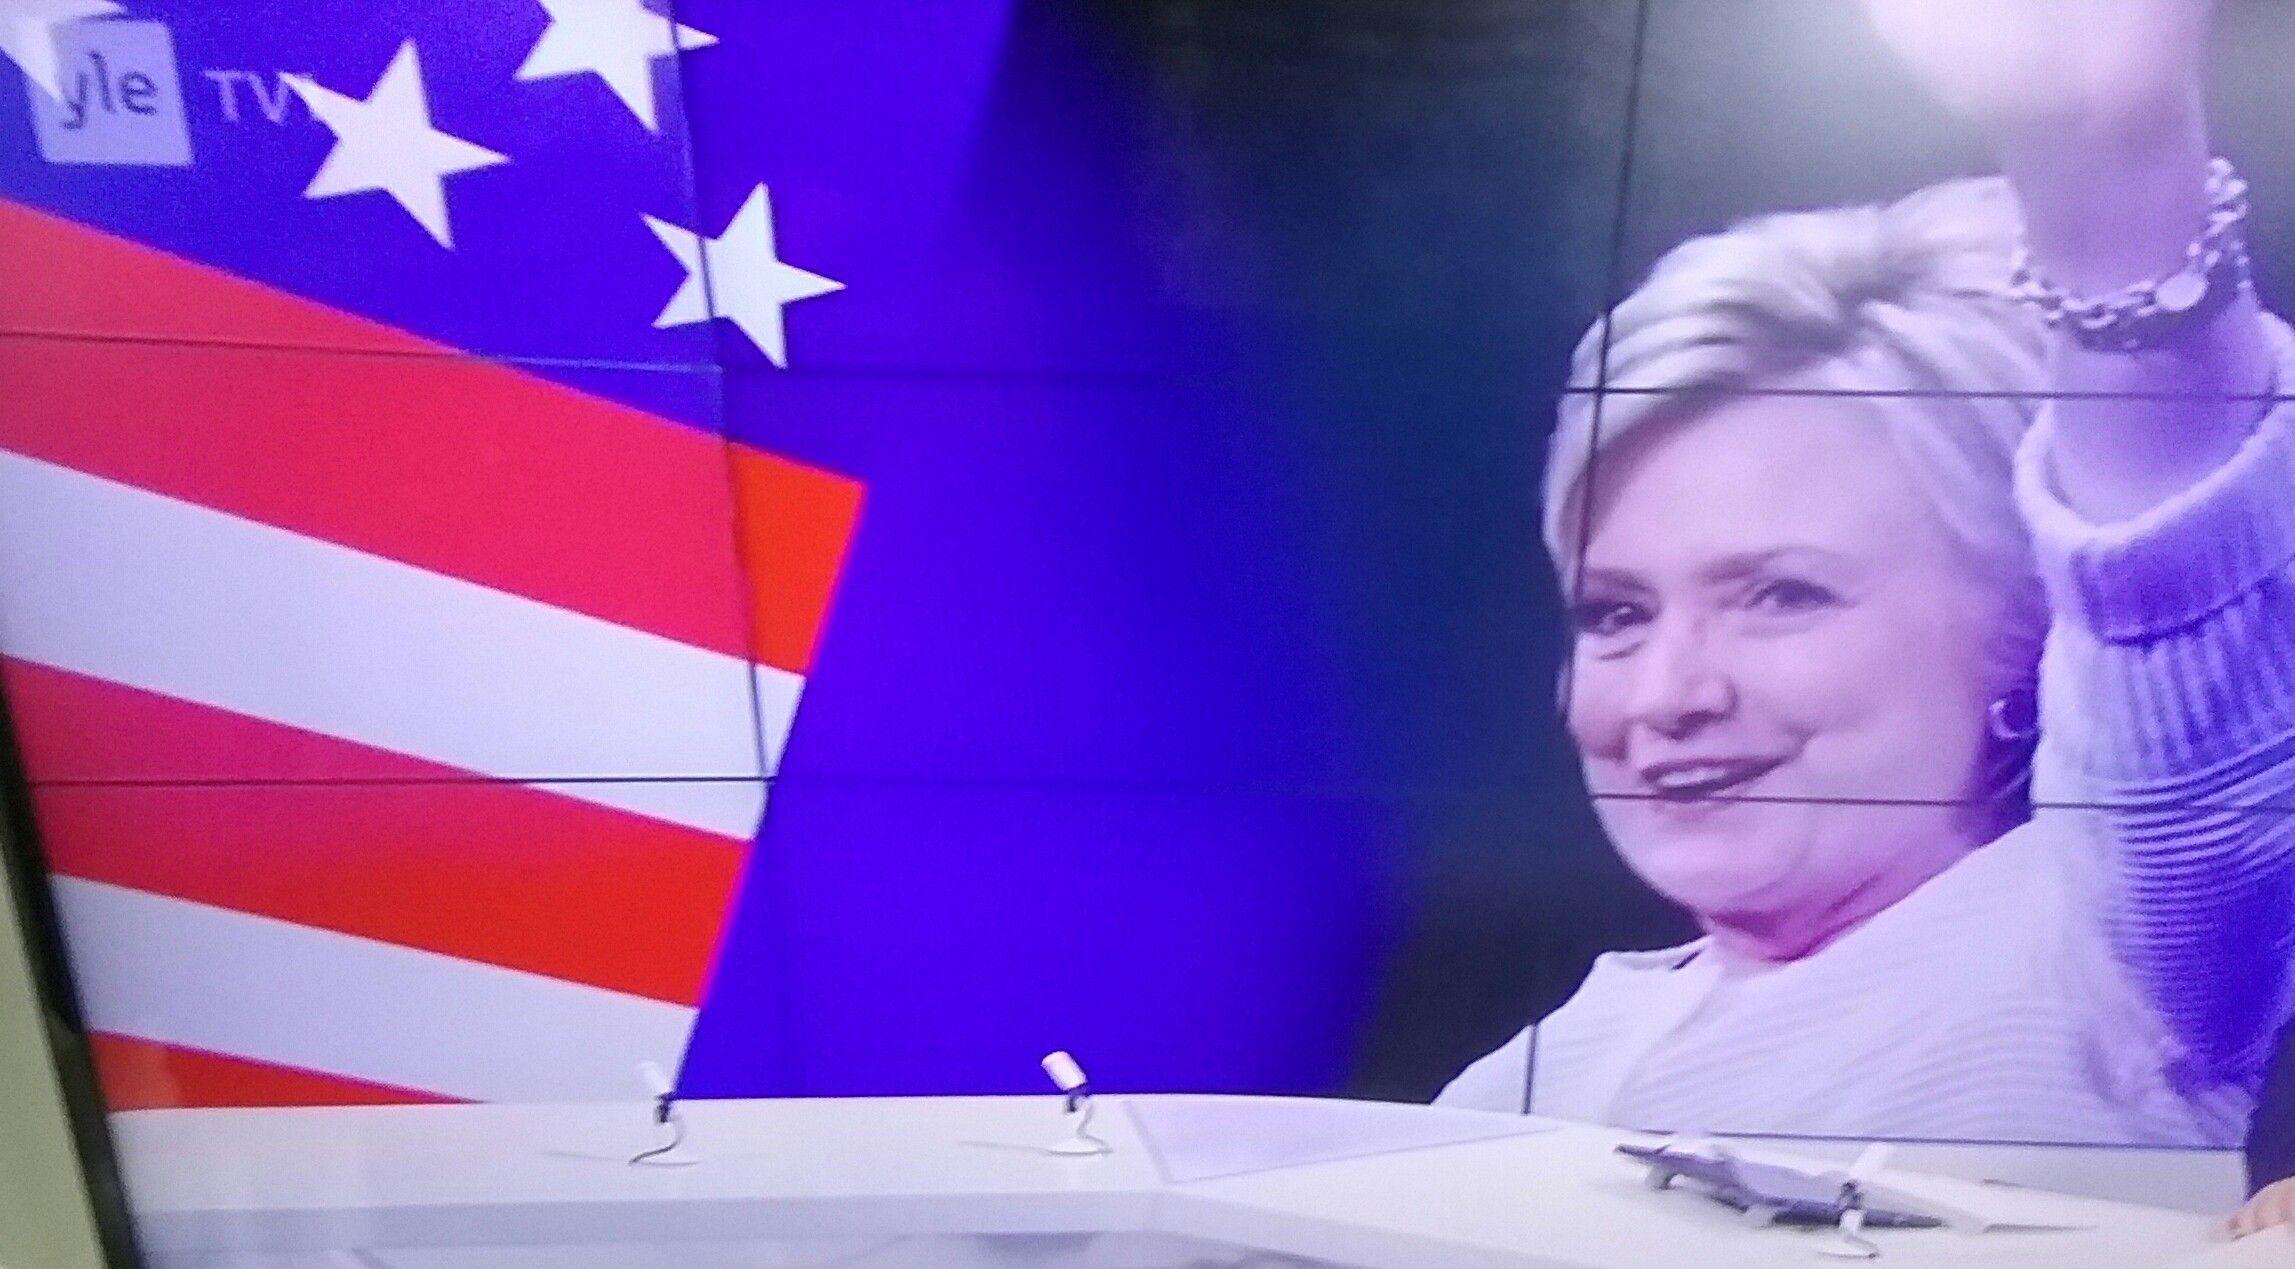 TV1 UUTISET. MAAILMA POLITIIKKA. USA Hillary CLINTON  menestyy, PRESIDENTTI EHDOKAS Marraskuu 2016 VAALIT. YLE.fi